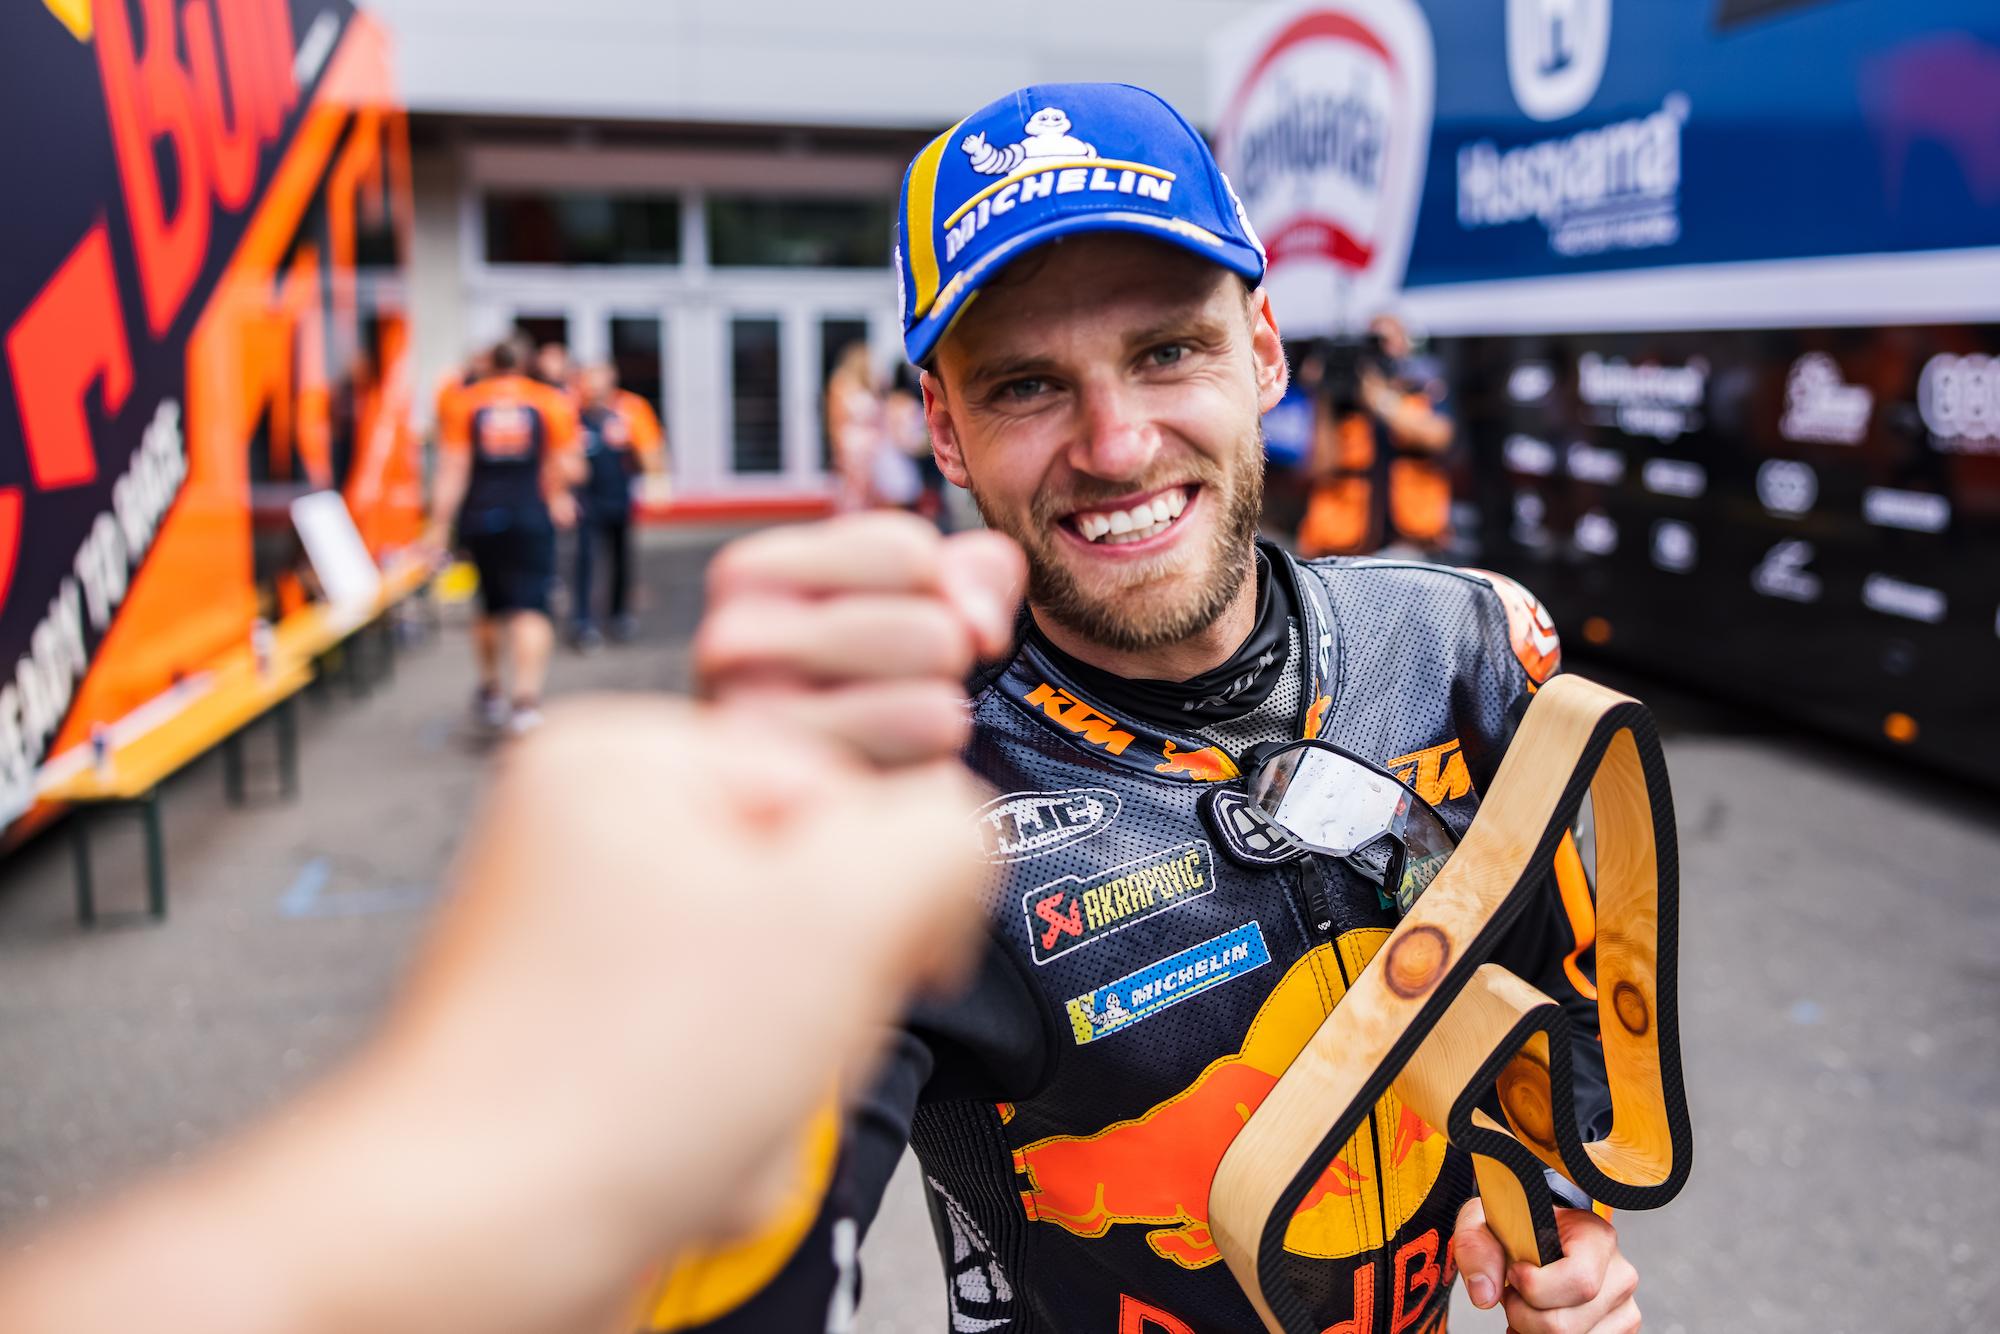 Brad Binder zwycięzcą GP Austrii 2021